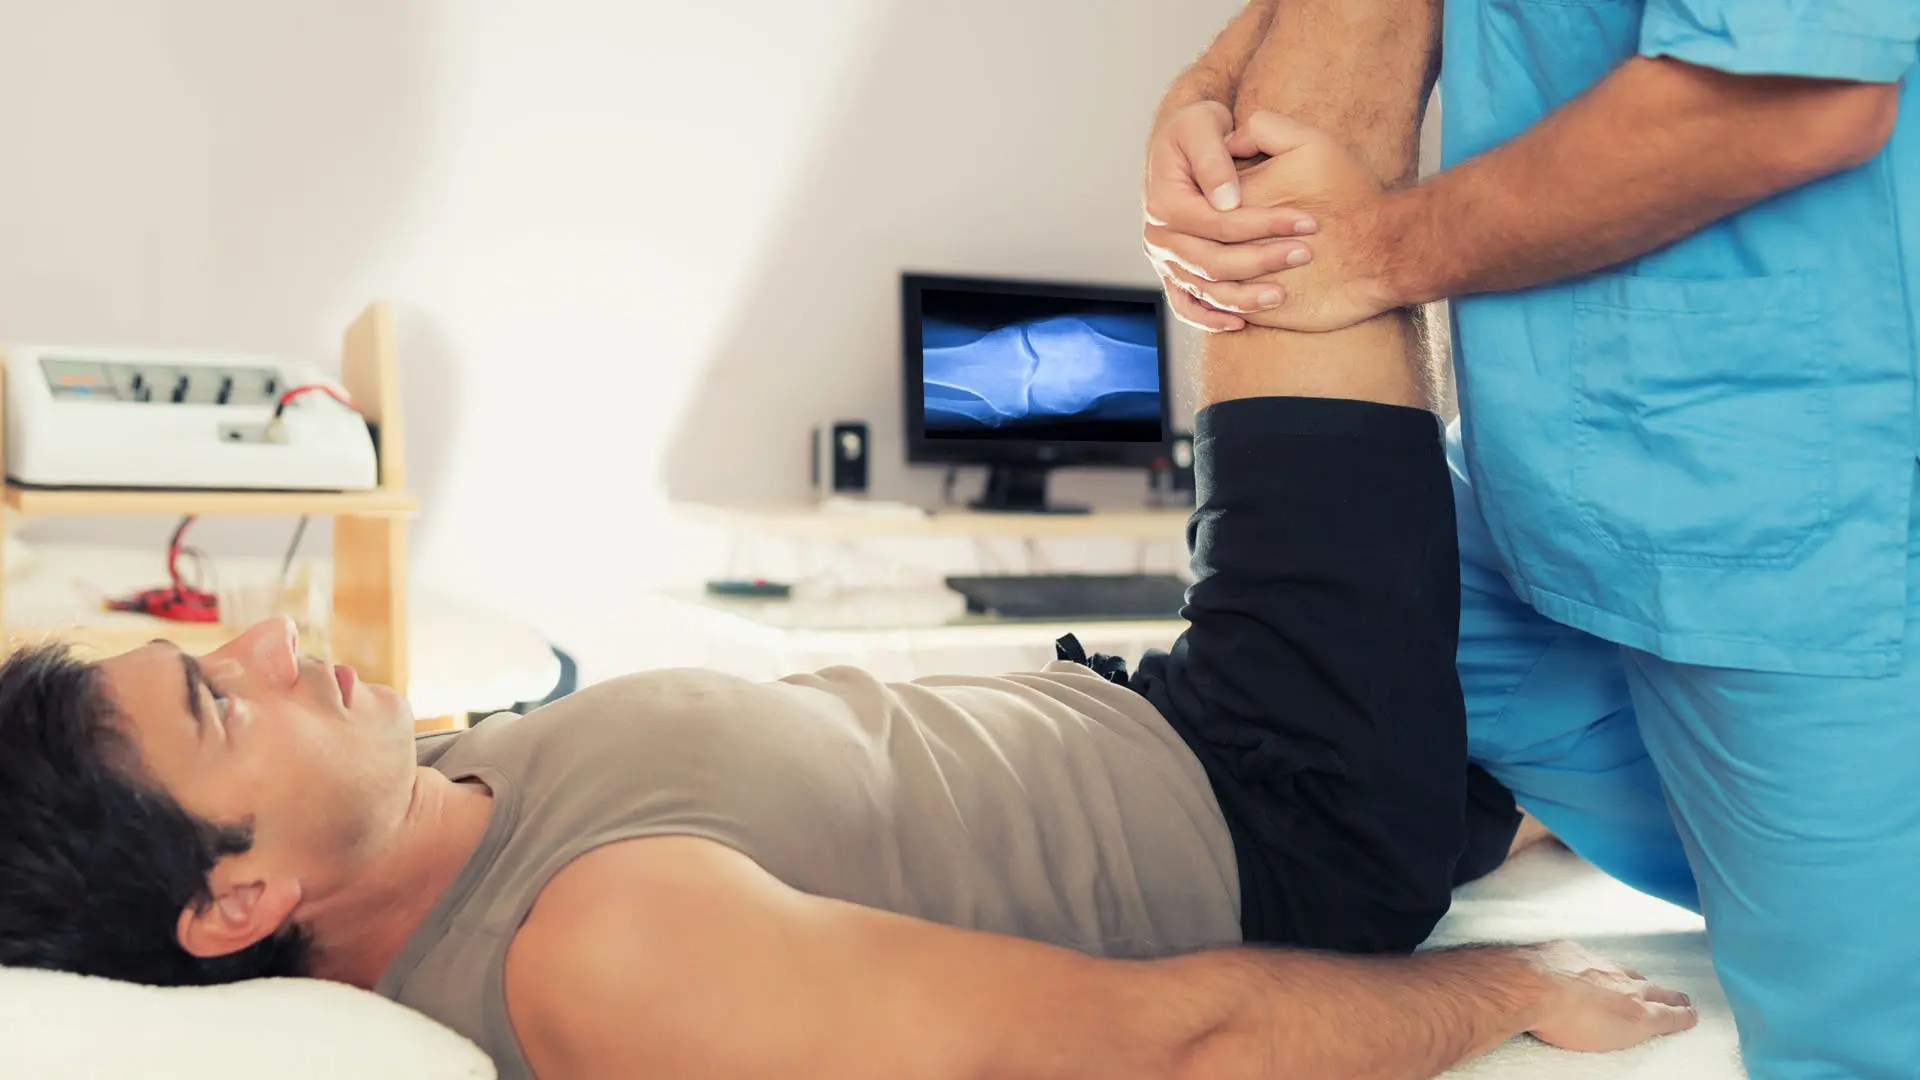 időszakos akut fájdalom a térdben